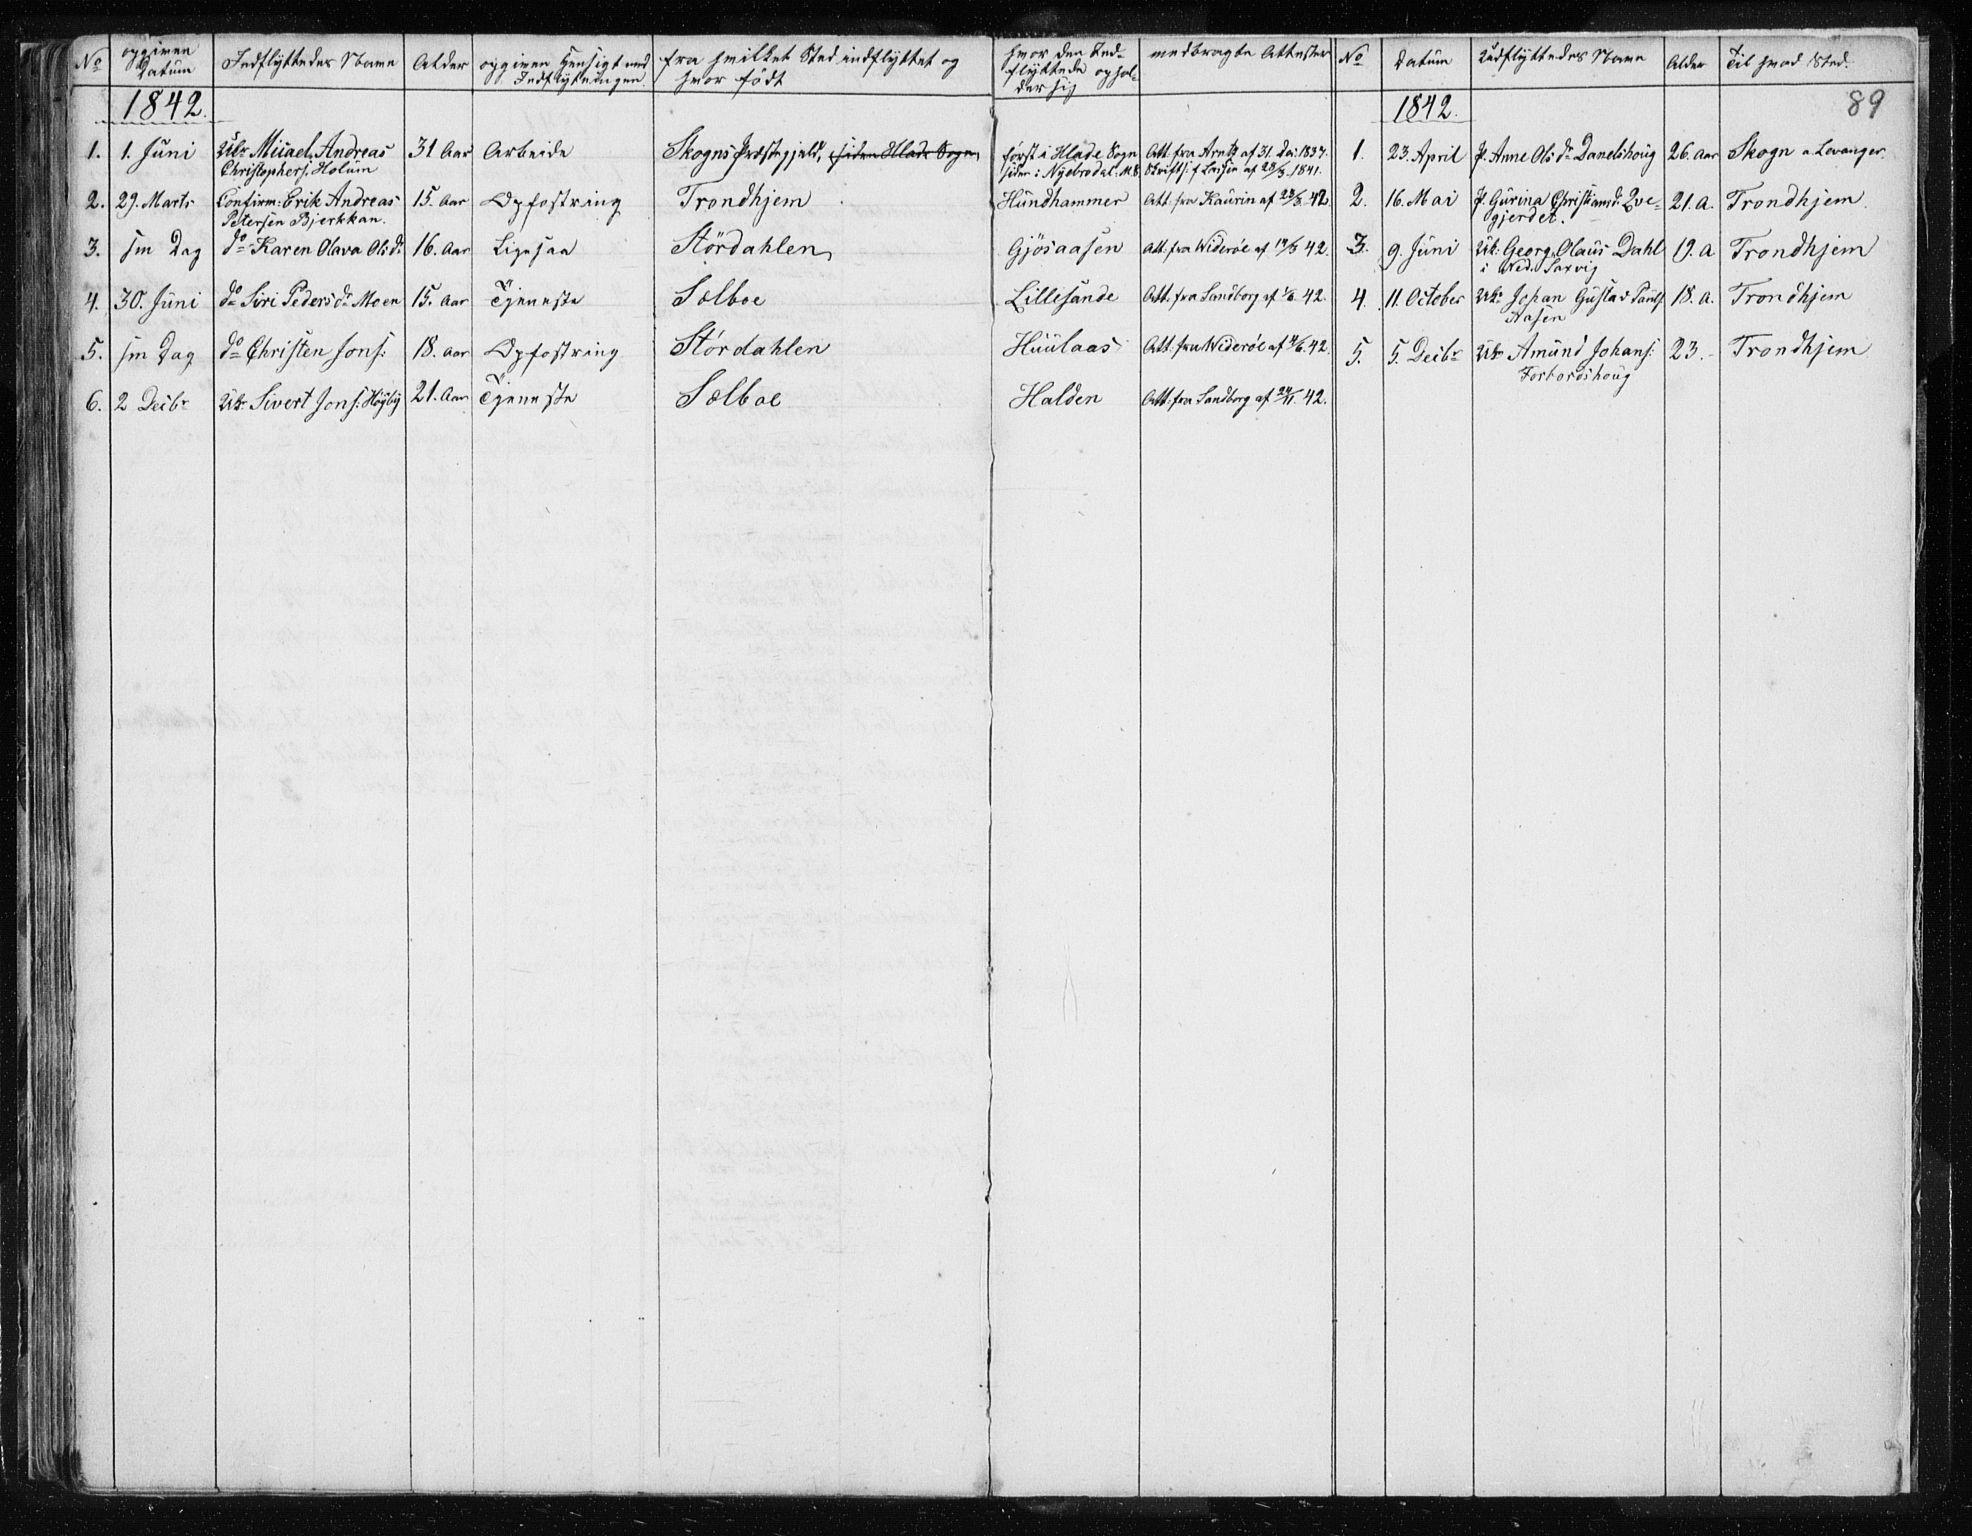 SAT, Ministerialprotokoller, klokkerbøker og fødselsregistre - Sør-Trøndelag, 616/L0405: Ministerialbok nr. 616A02, 1831-1842, s. 89